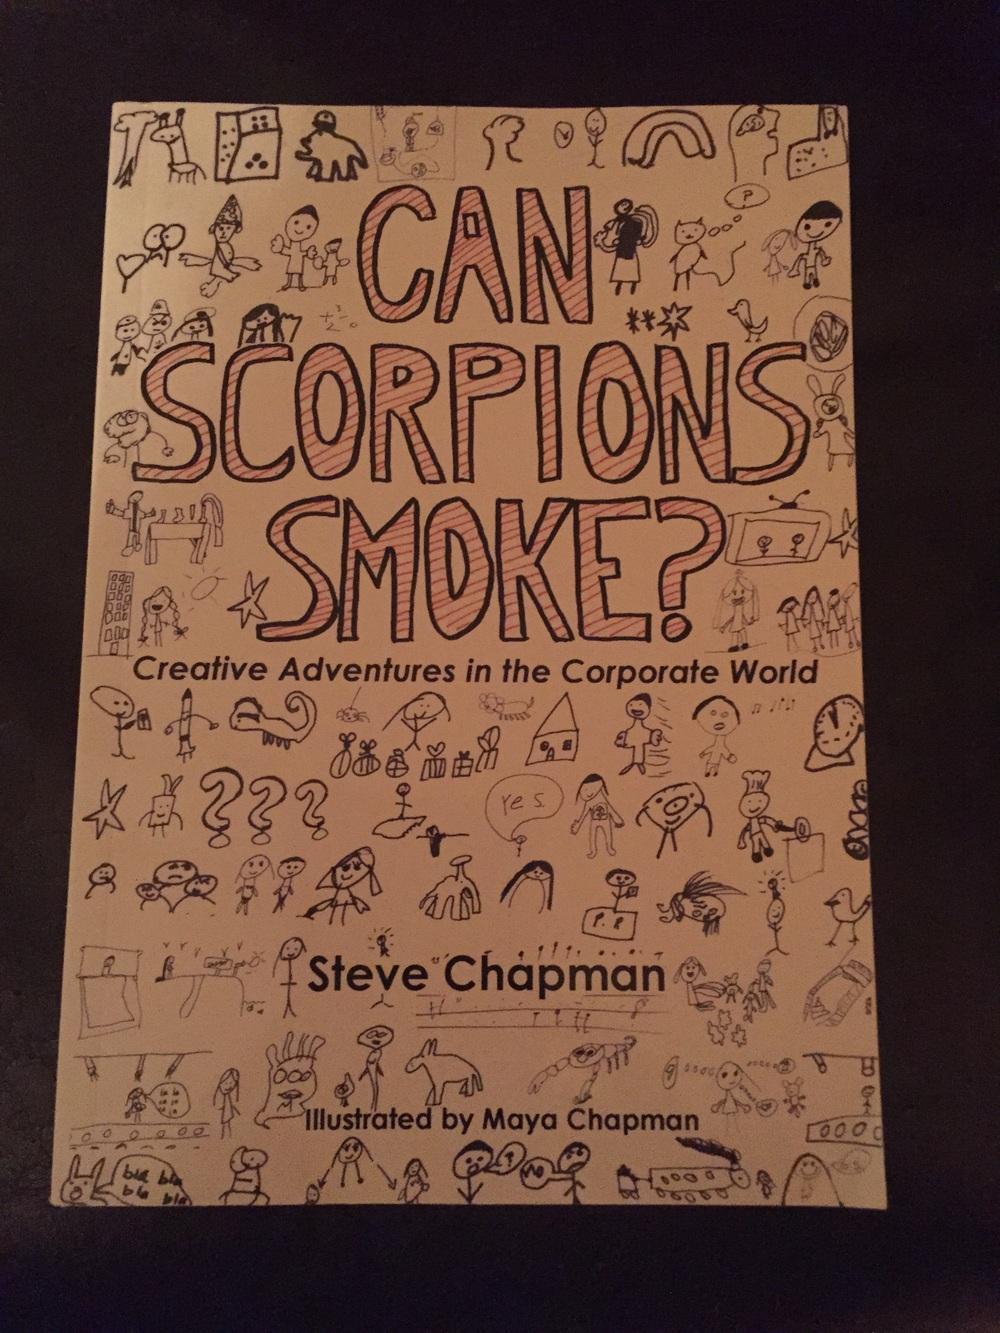 Find Steve Chapman's work  https://canscorpionssmoke.wordpress.com